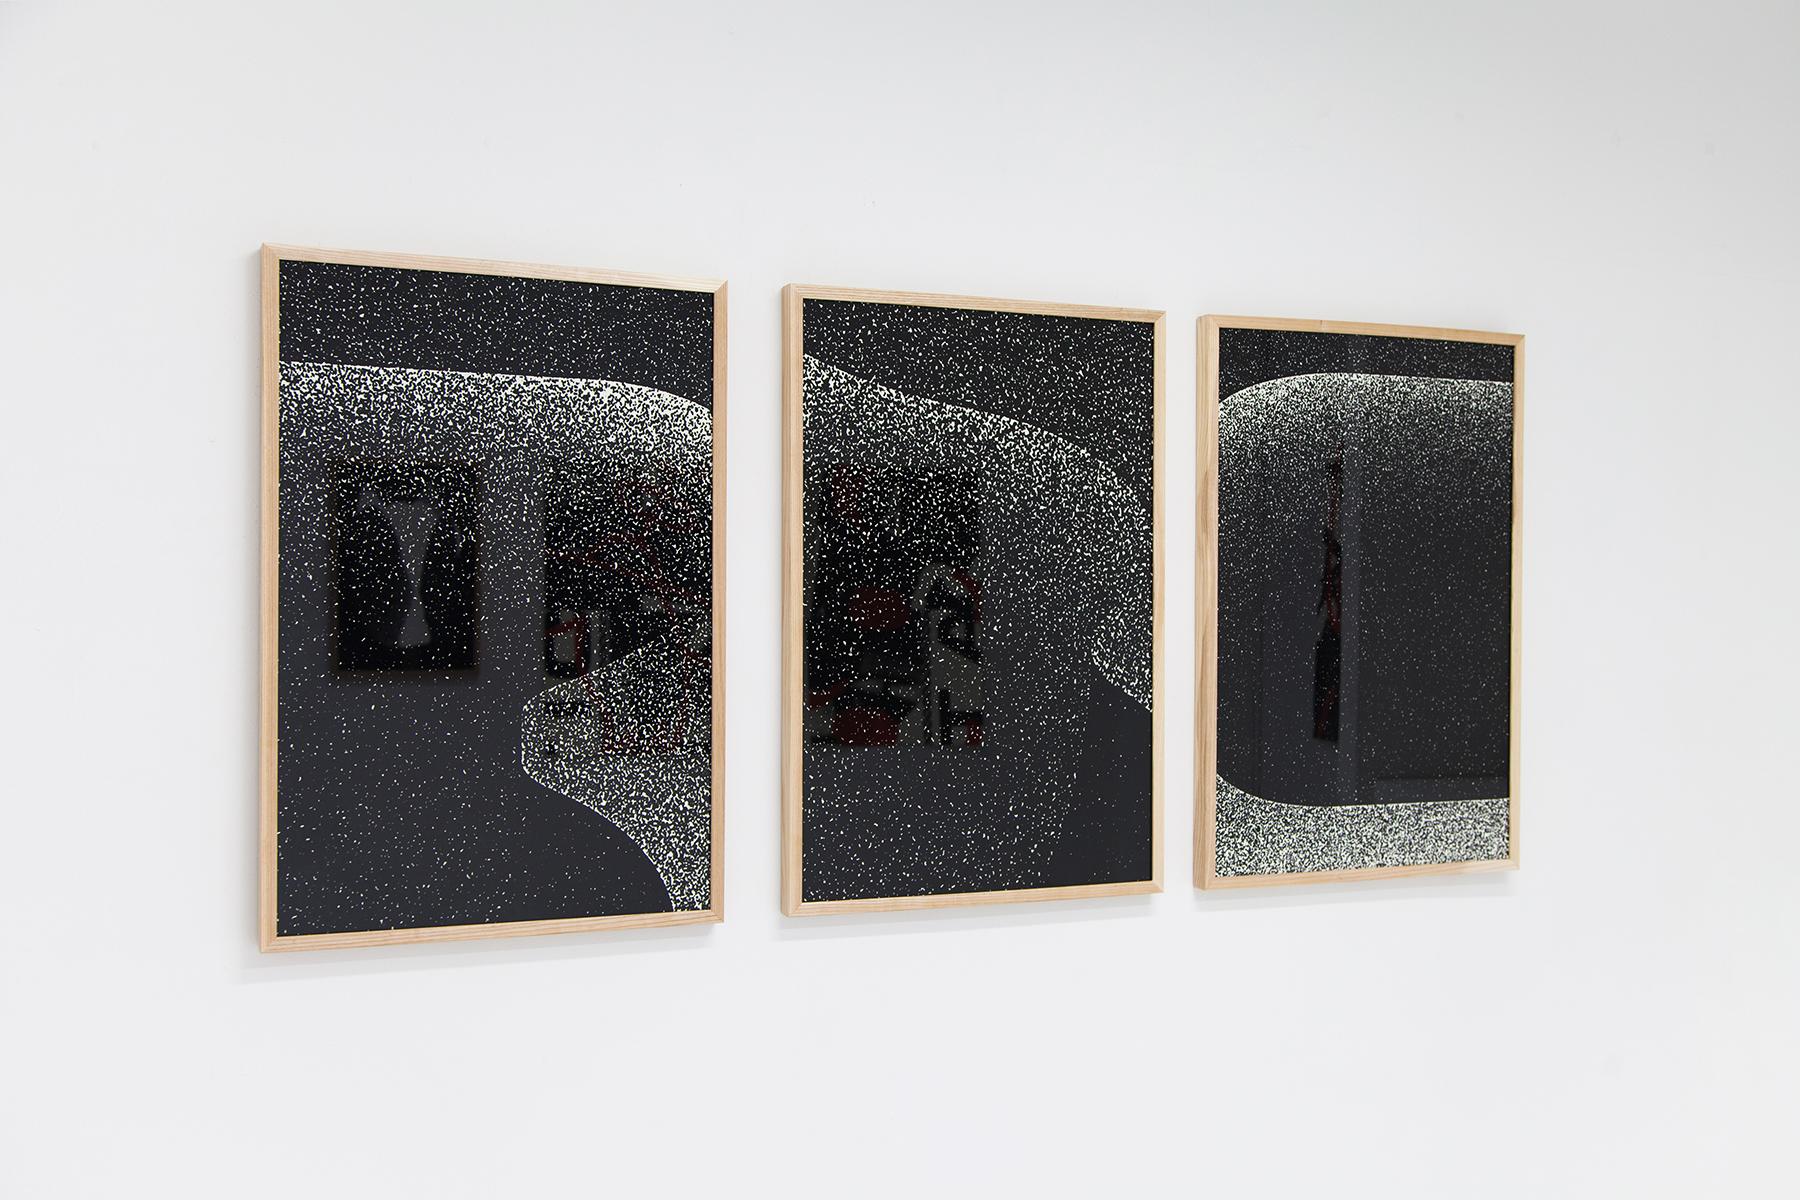 Sebastián Rodríguez Besa, Untitled, Installation view, 2017.